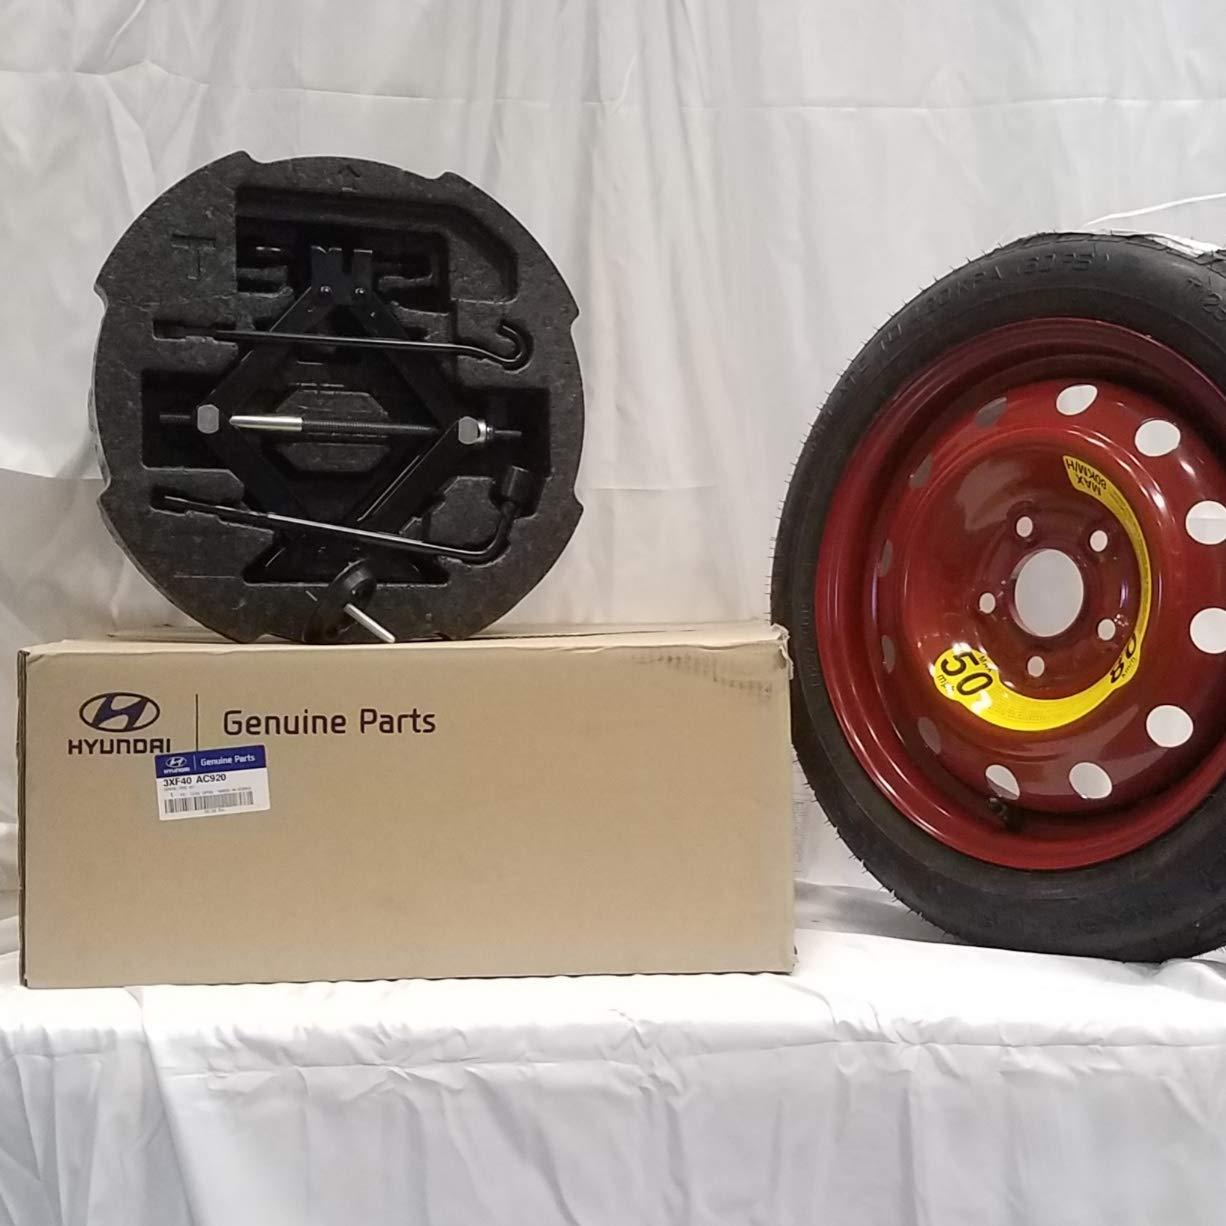 HYUNDAI Genuine 3XF40-AC920 Spare Tire Kit